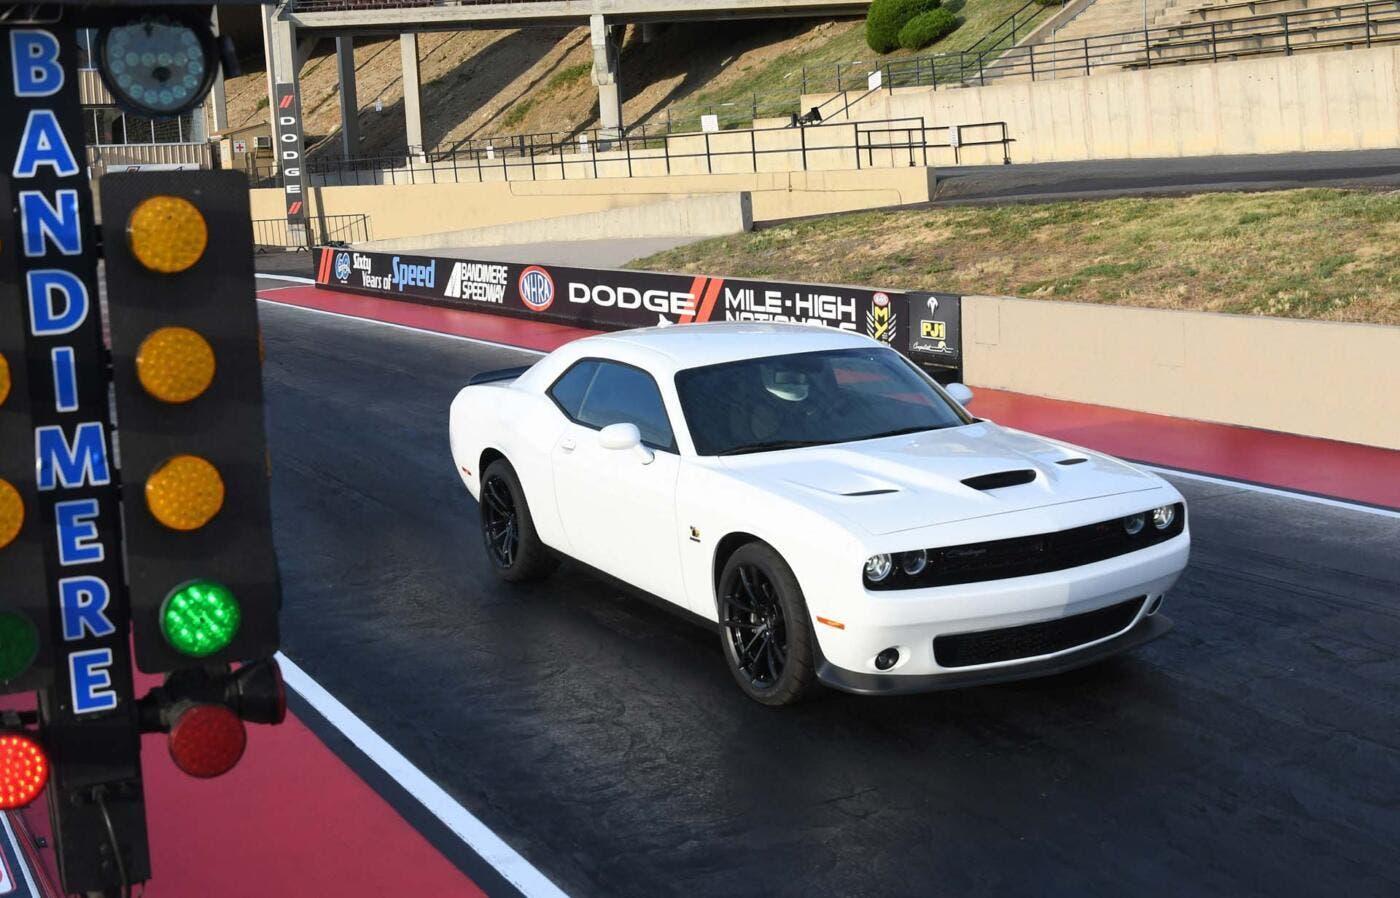 Dodge Challenger R/T Scat Pack 1320 NHRA